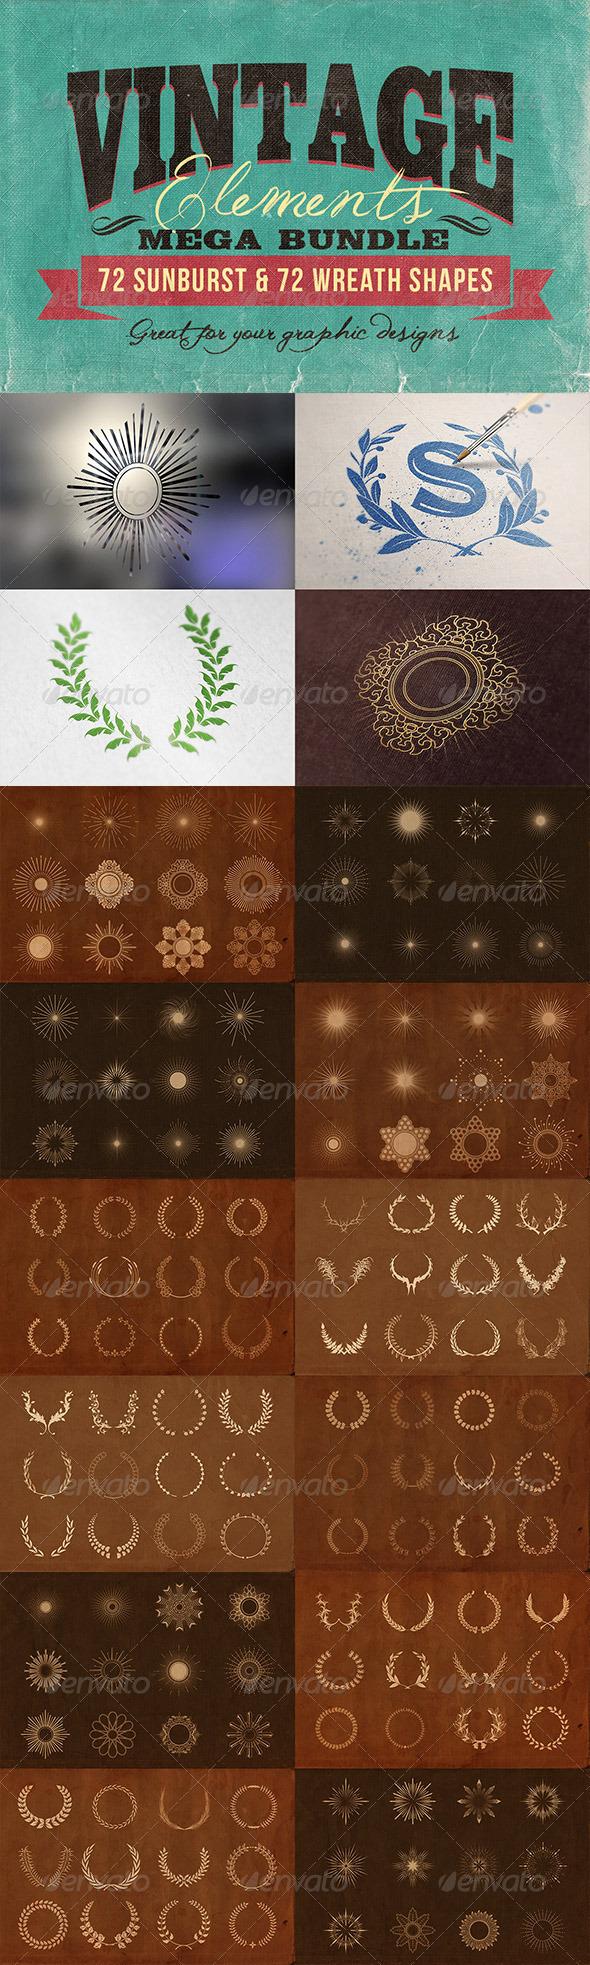 GraphicRiver Vintage Elements Bundle 7566304